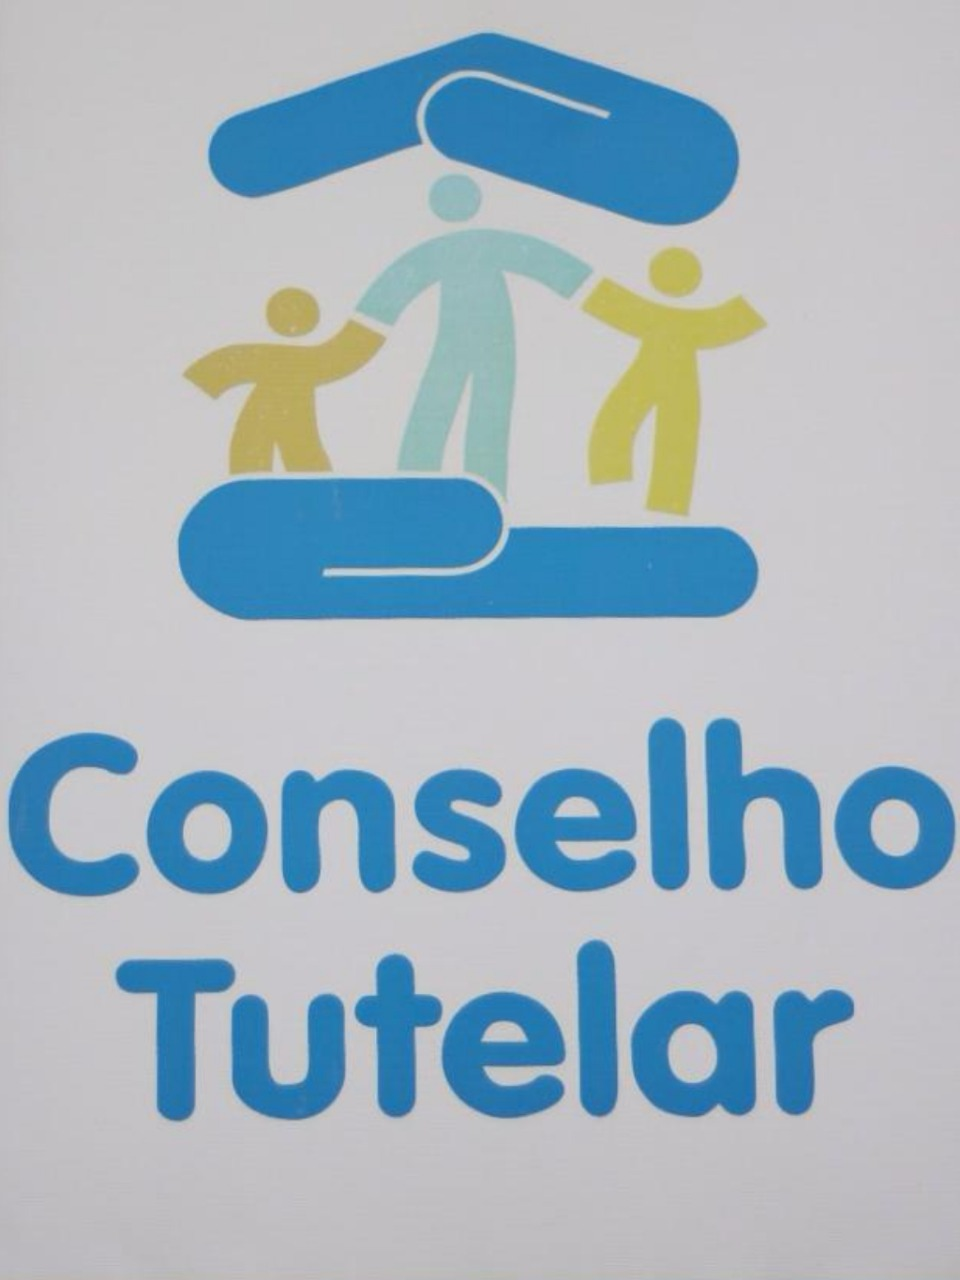 Inscrições para Conselheiro Tutelar começam hoje